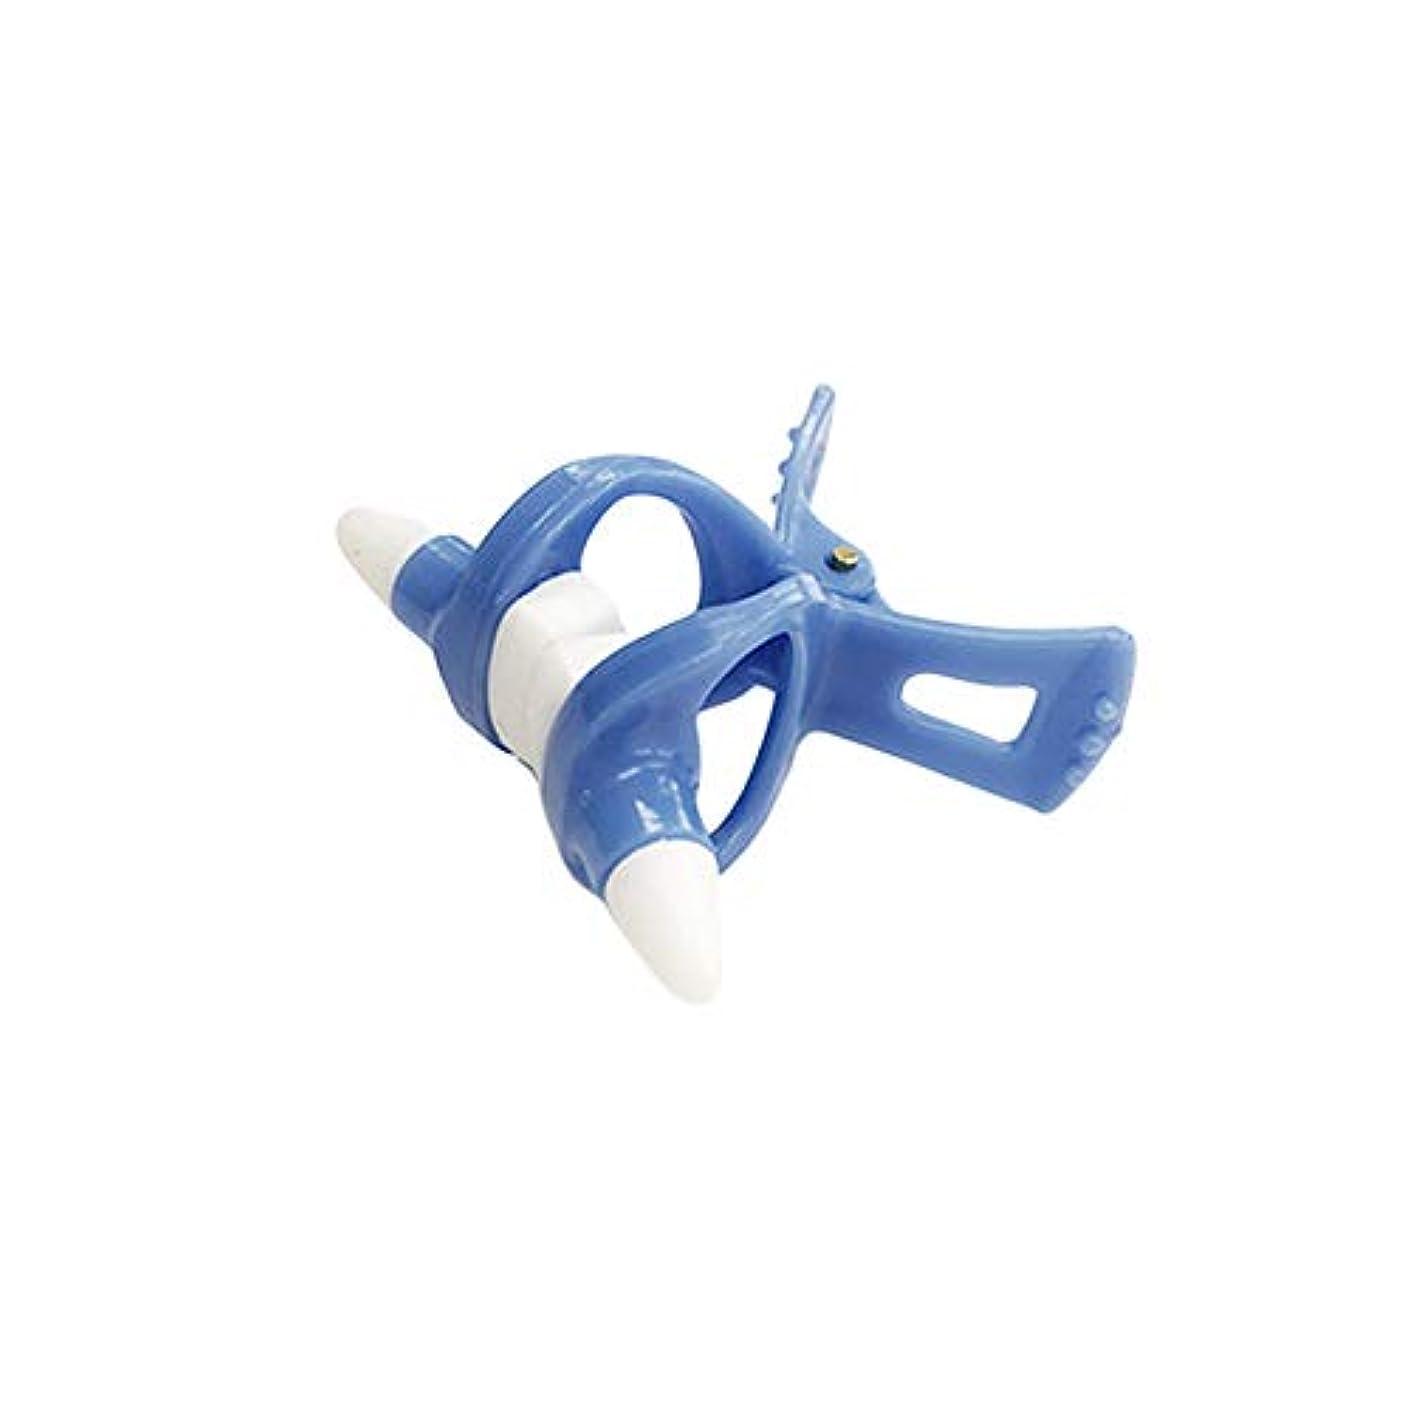 肺ランタン飼料[jolifavori]鼻を高くするための矯正クリップ 鼻高々ノーズアップ 美容グッズ